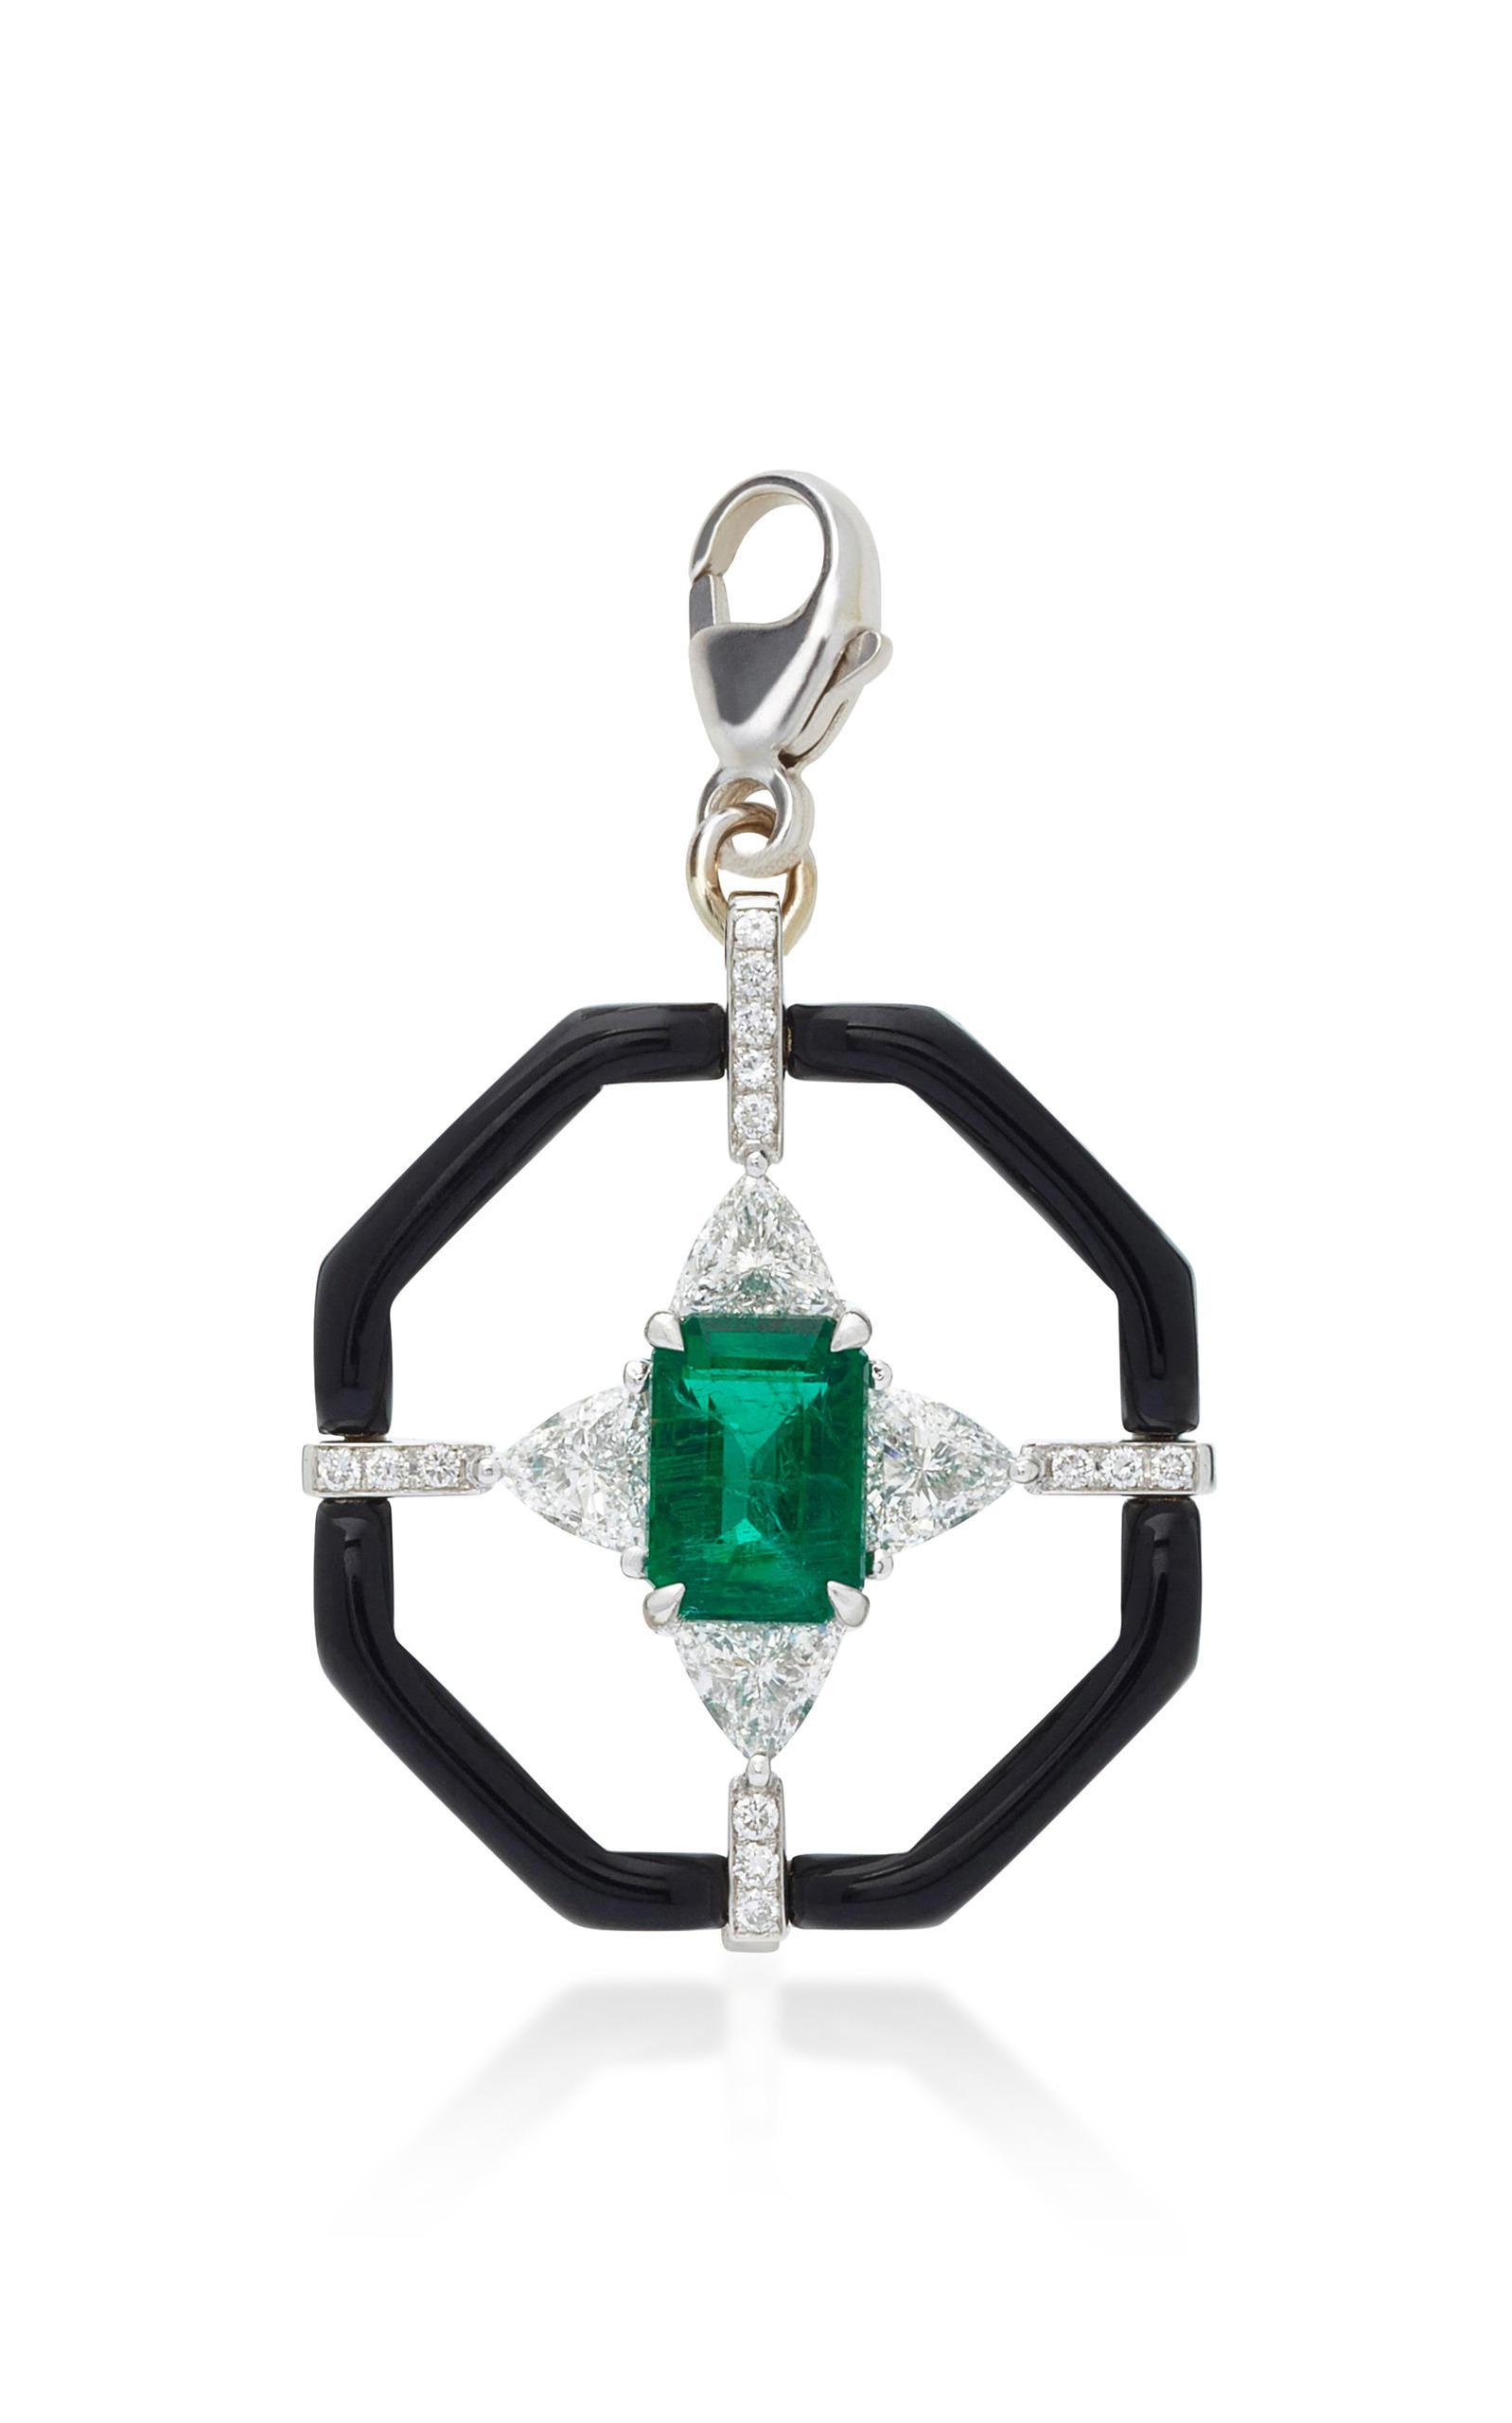 Nikos Koulis 18k Oui Diamond & Black Enamel Necklace w/ Emerald Xfd5xLE